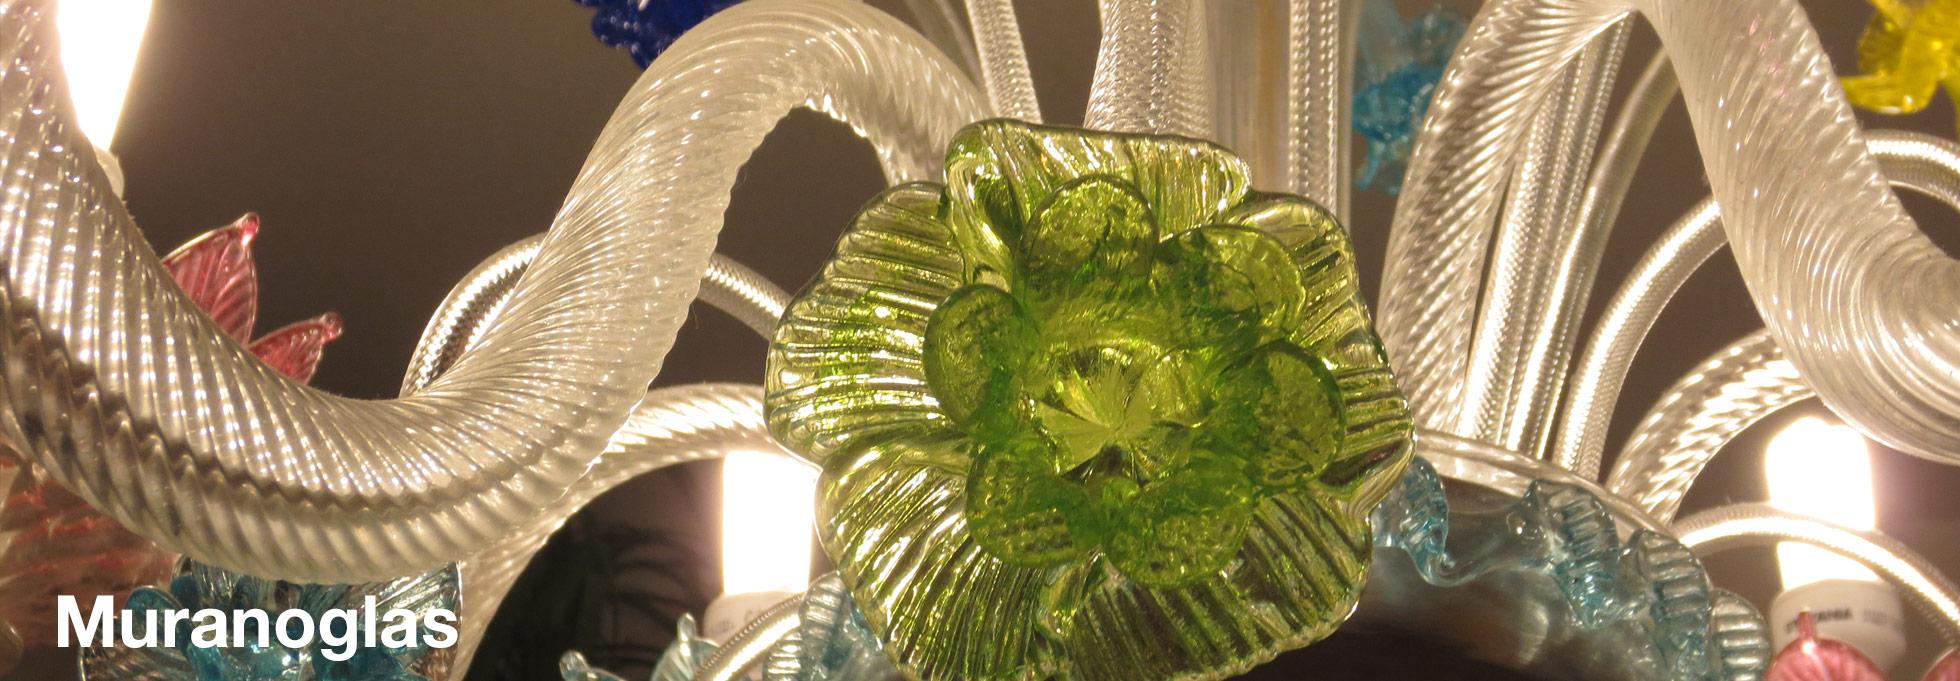 Muranoglas ist auch für Leuchten und Lampen toll